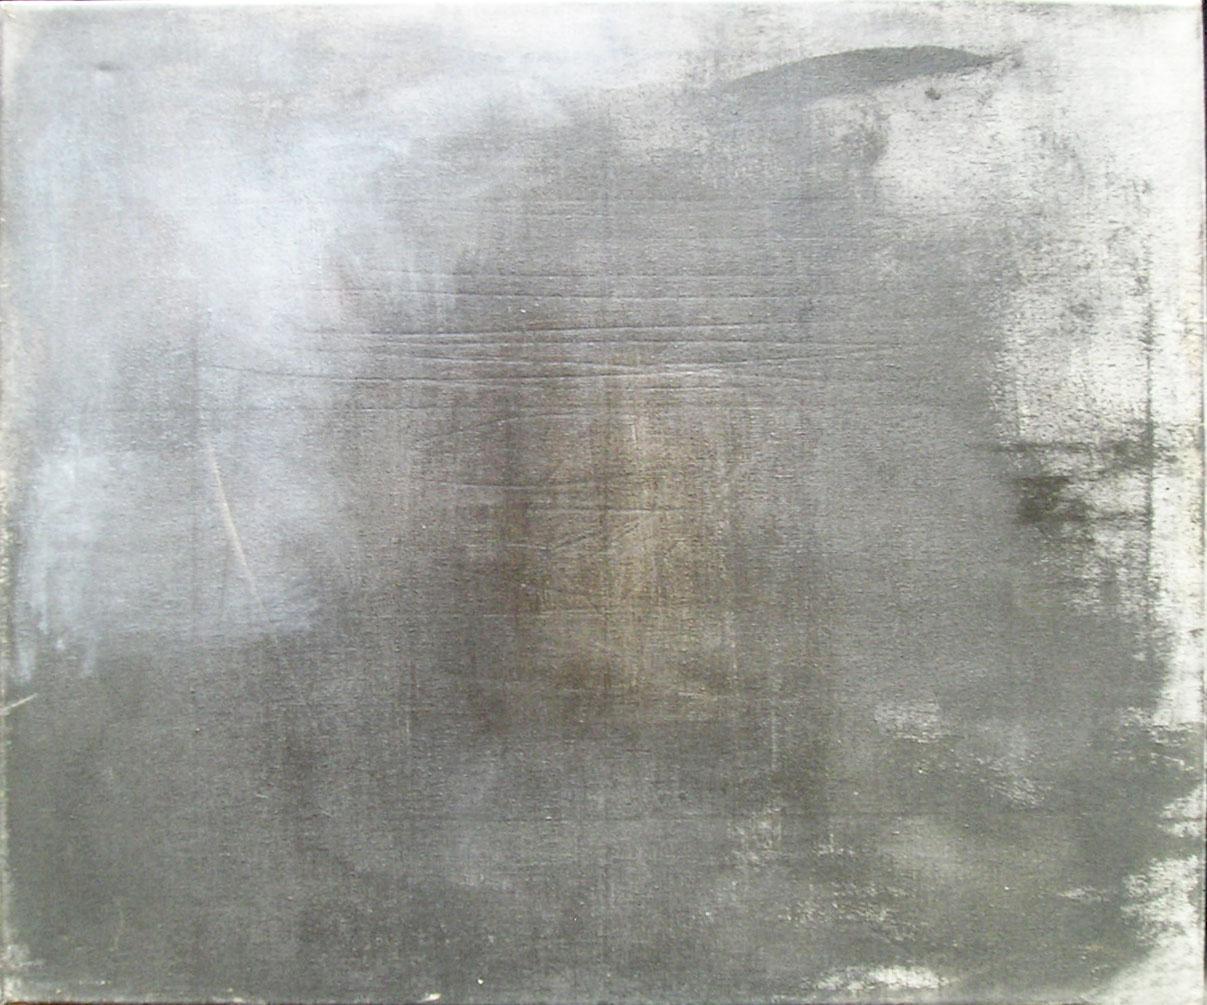 Paisaje, acrílico sobre tela, 50 cm x 70 cm, 1989